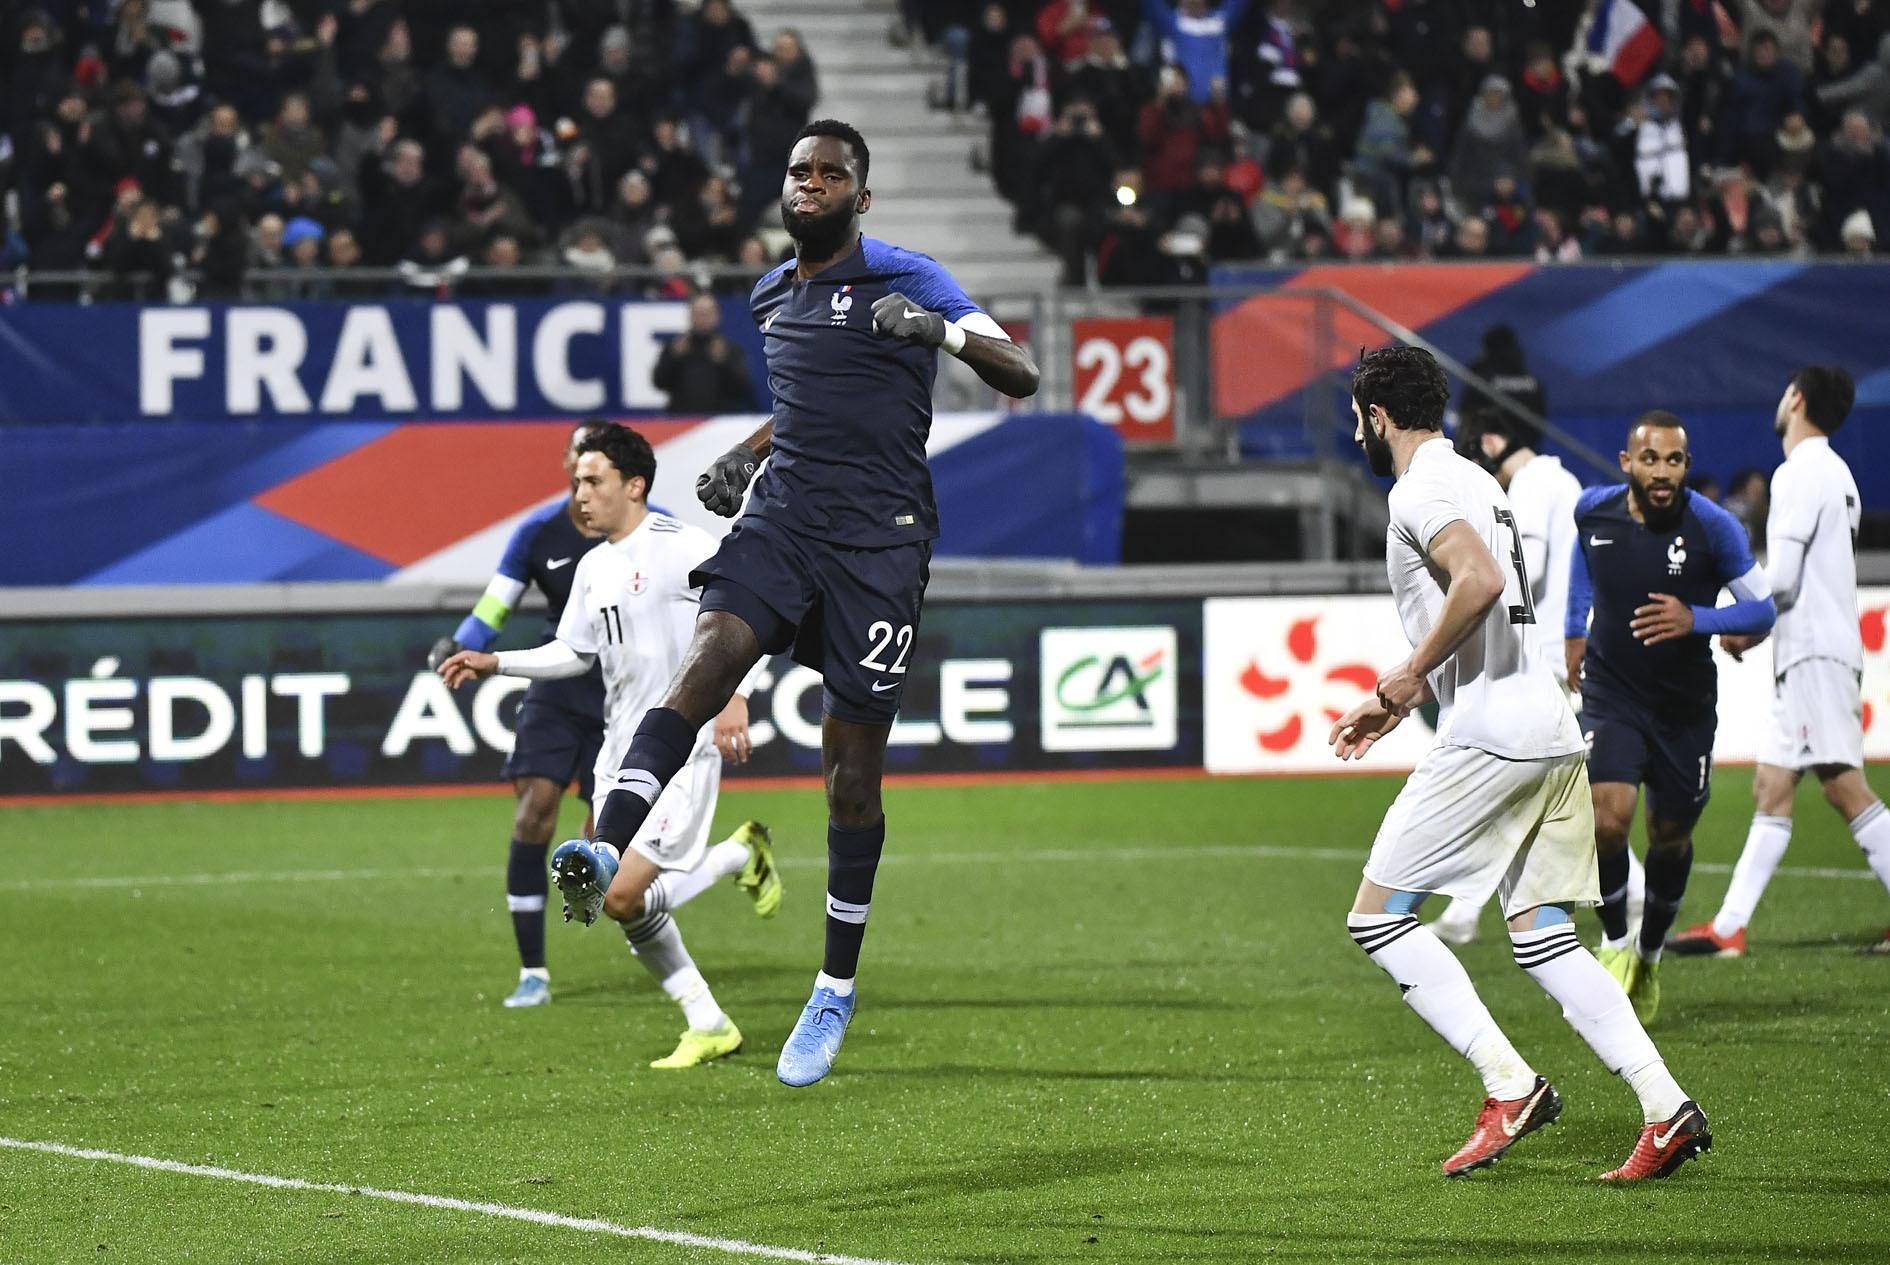 Edouard U21-EM